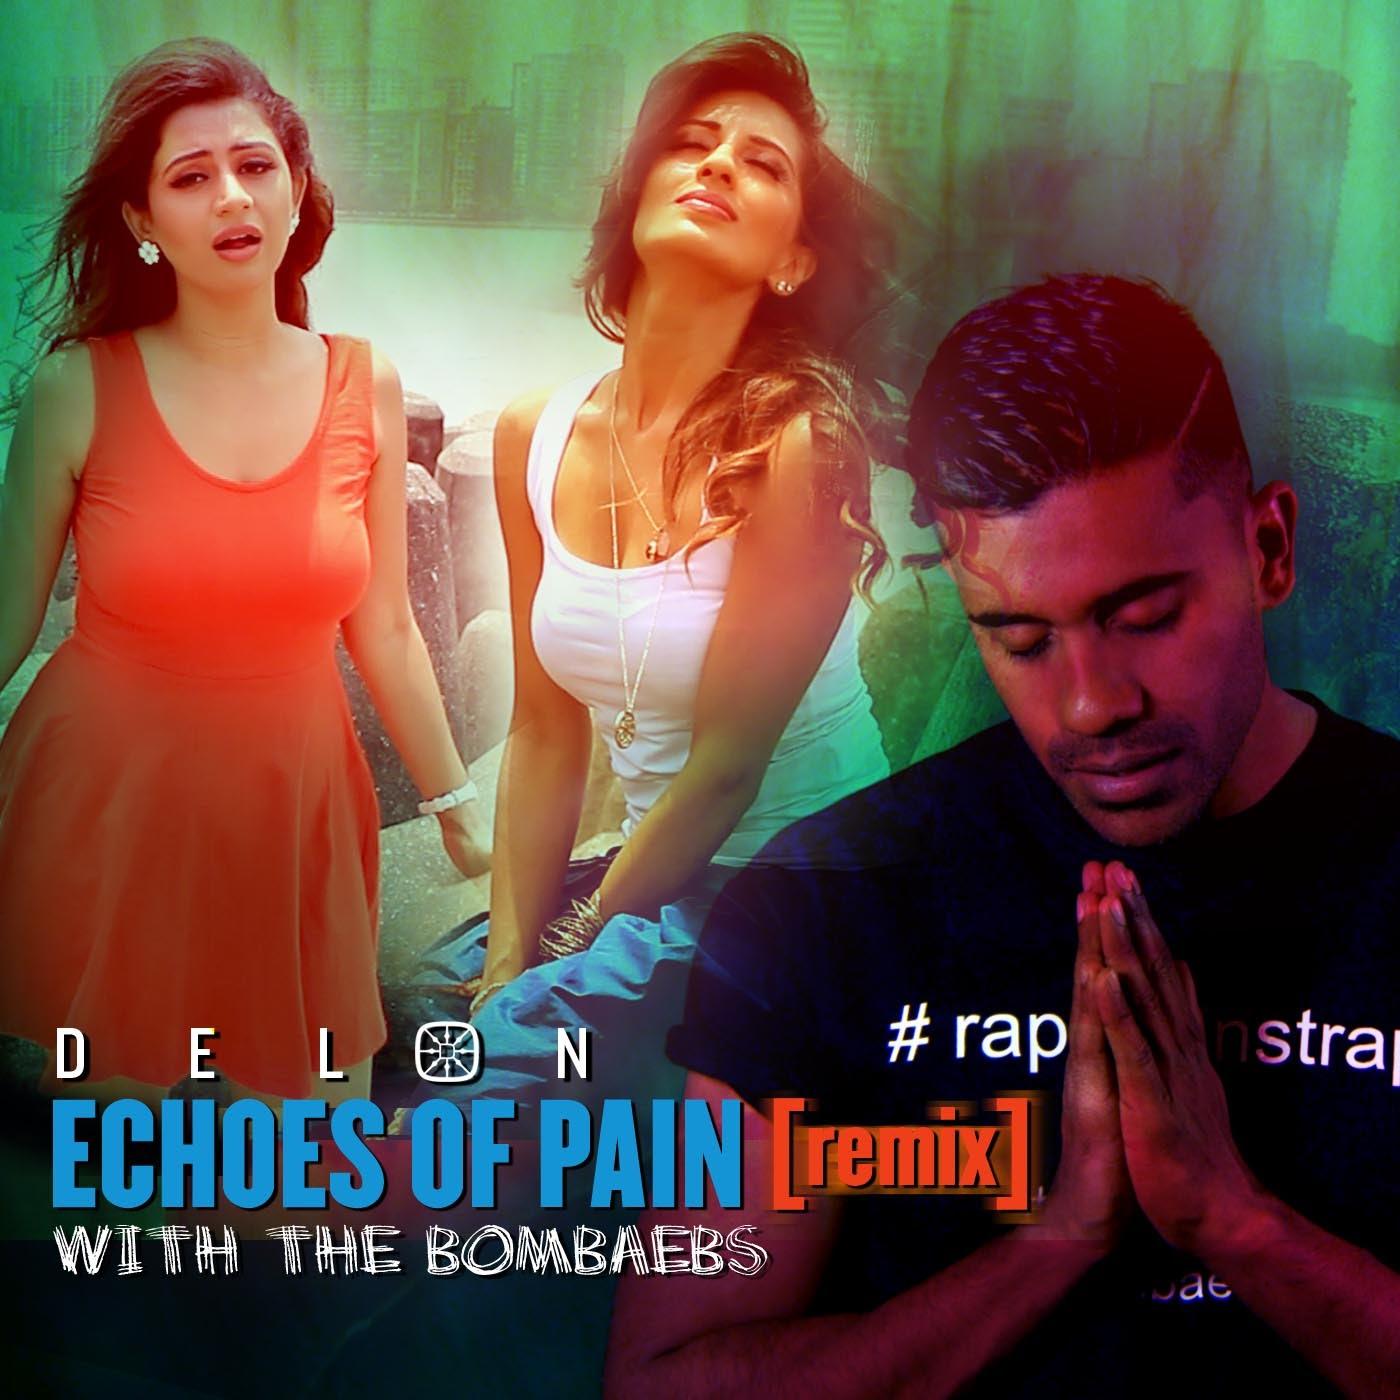 echos of pain